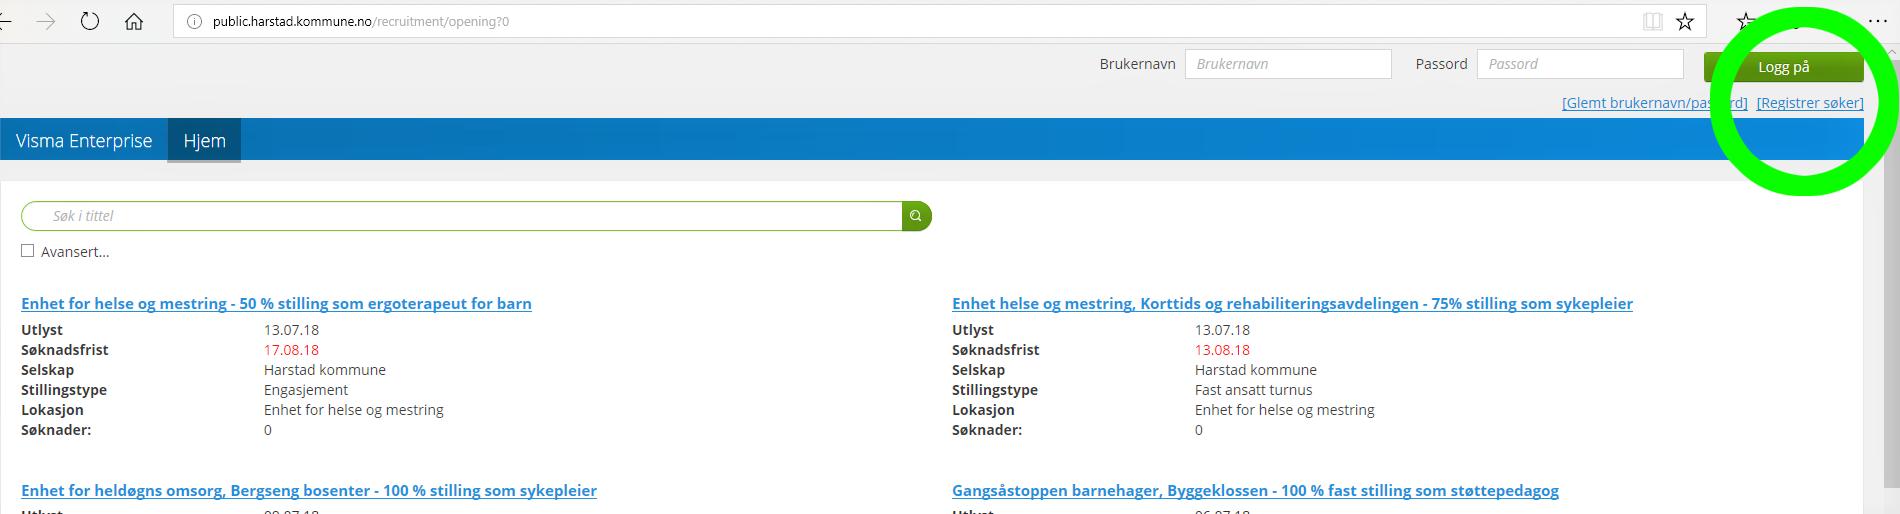 1 Personal Registrer søker.png